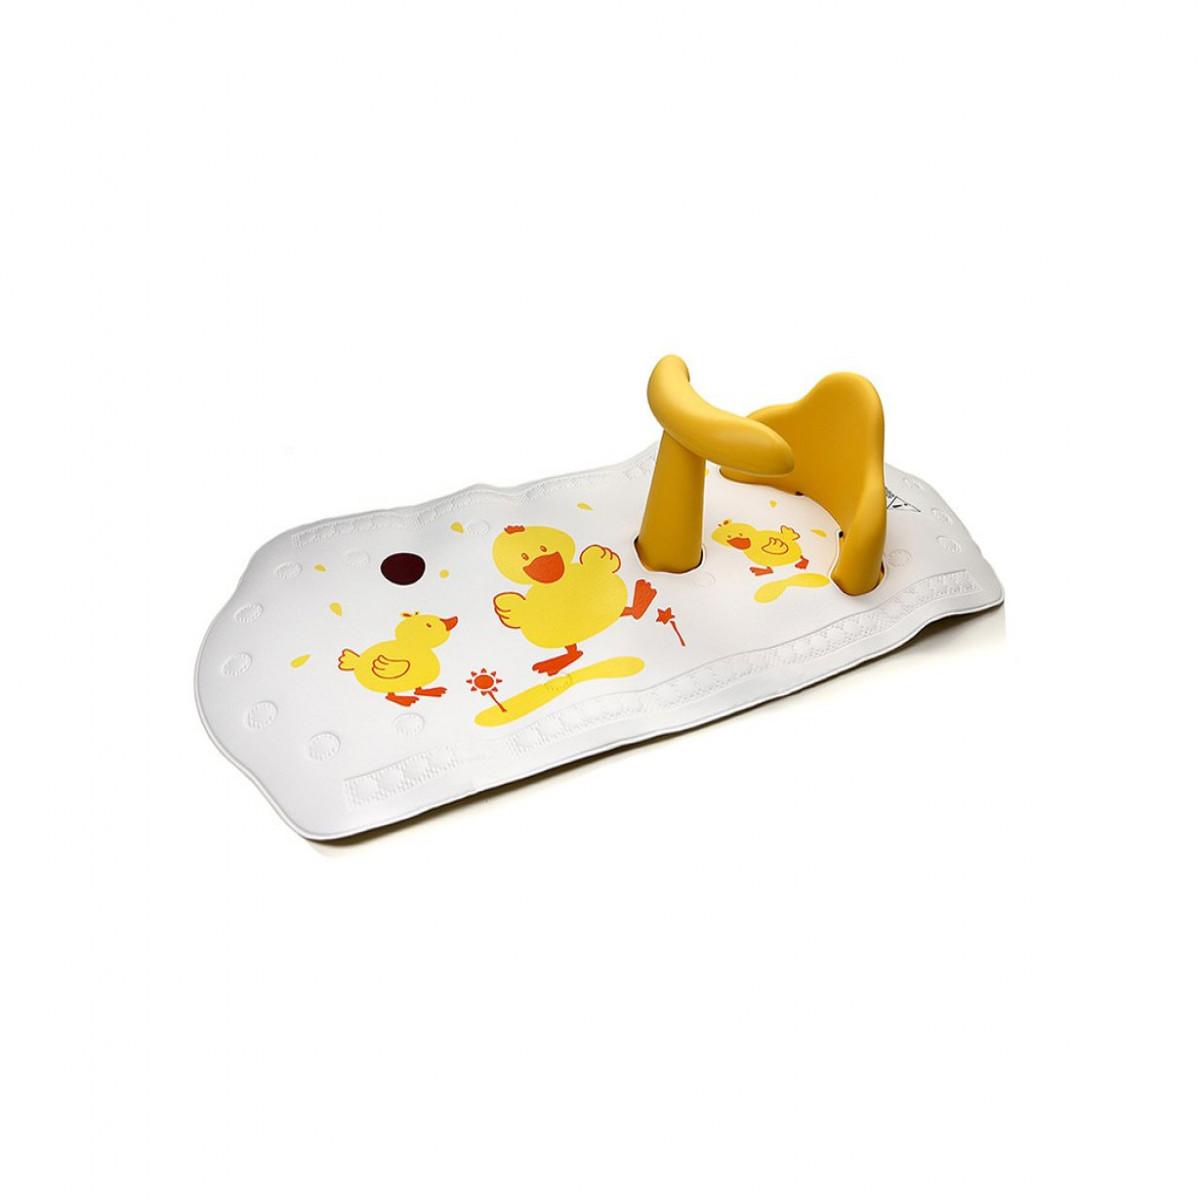 Asiento de baño + Alfombra Baby Innovation amarillo